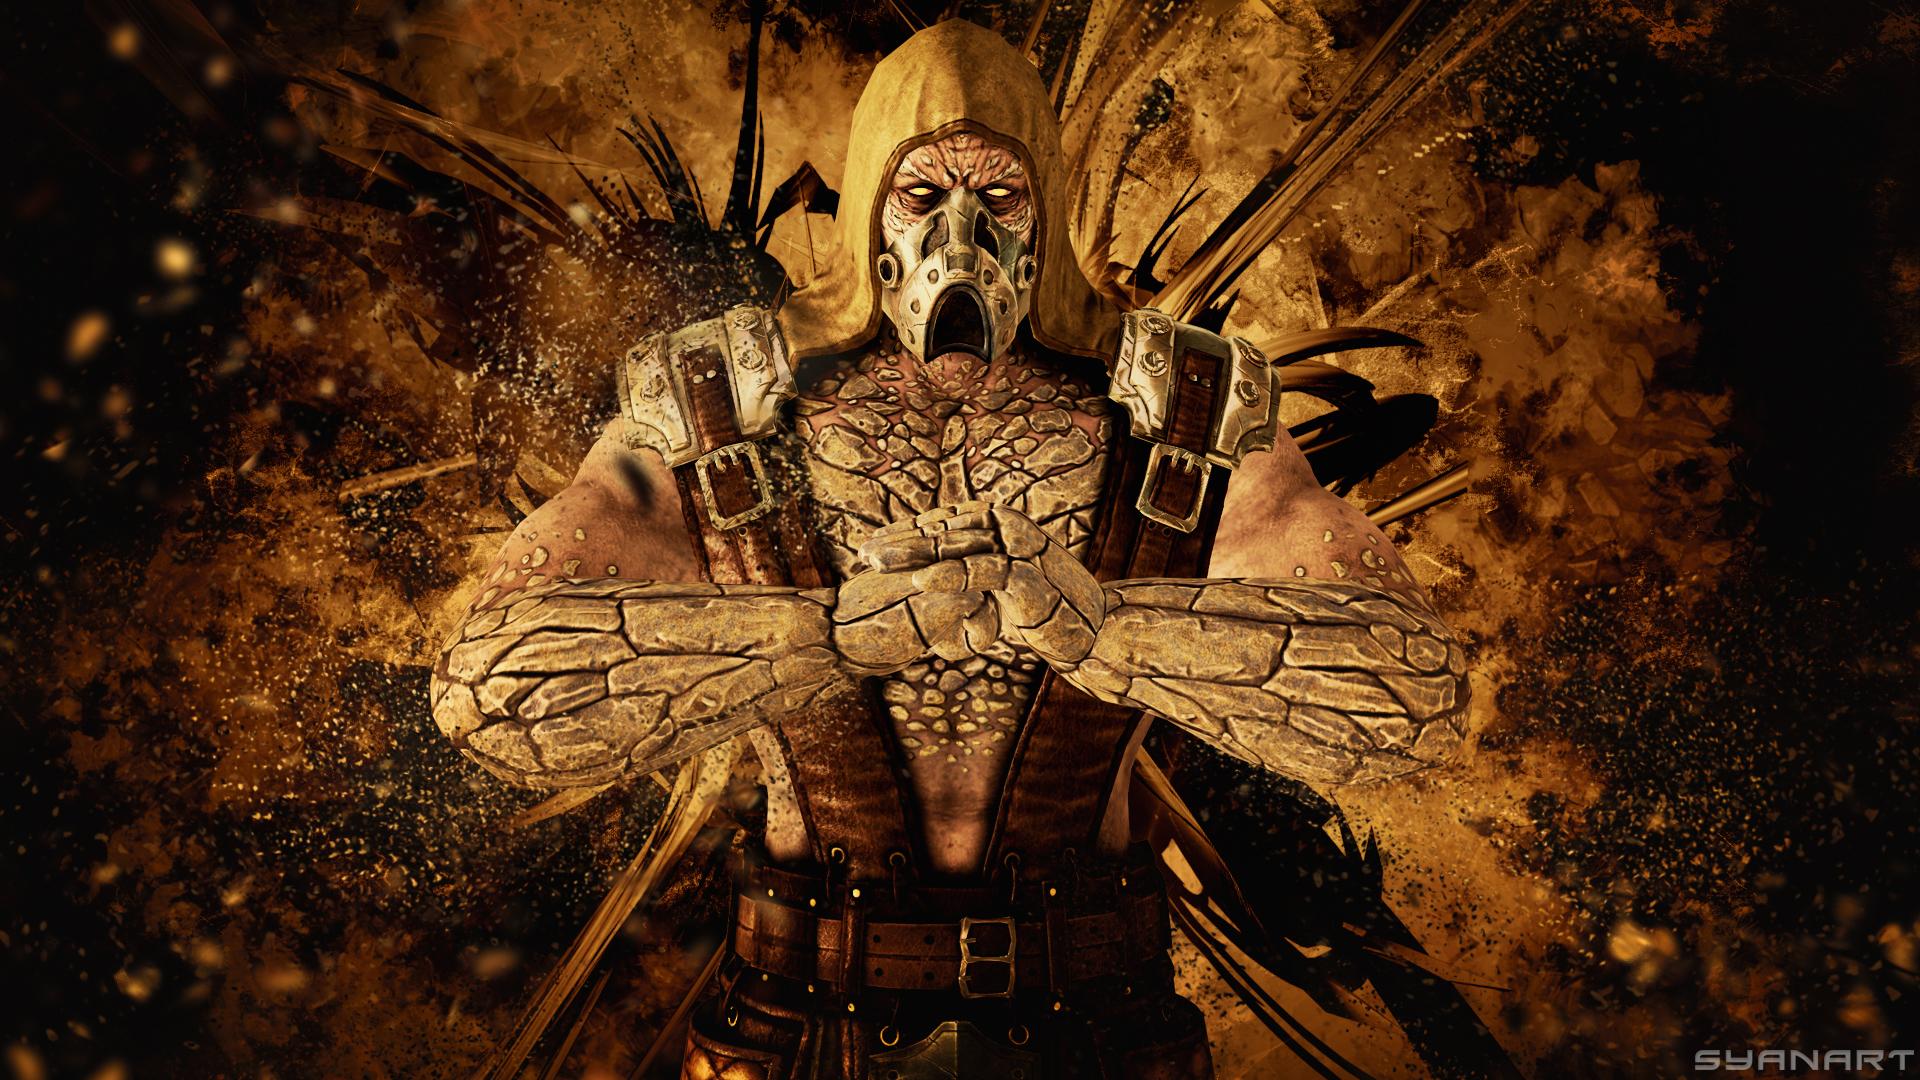 Mortal Kombat Tremor wallpaper